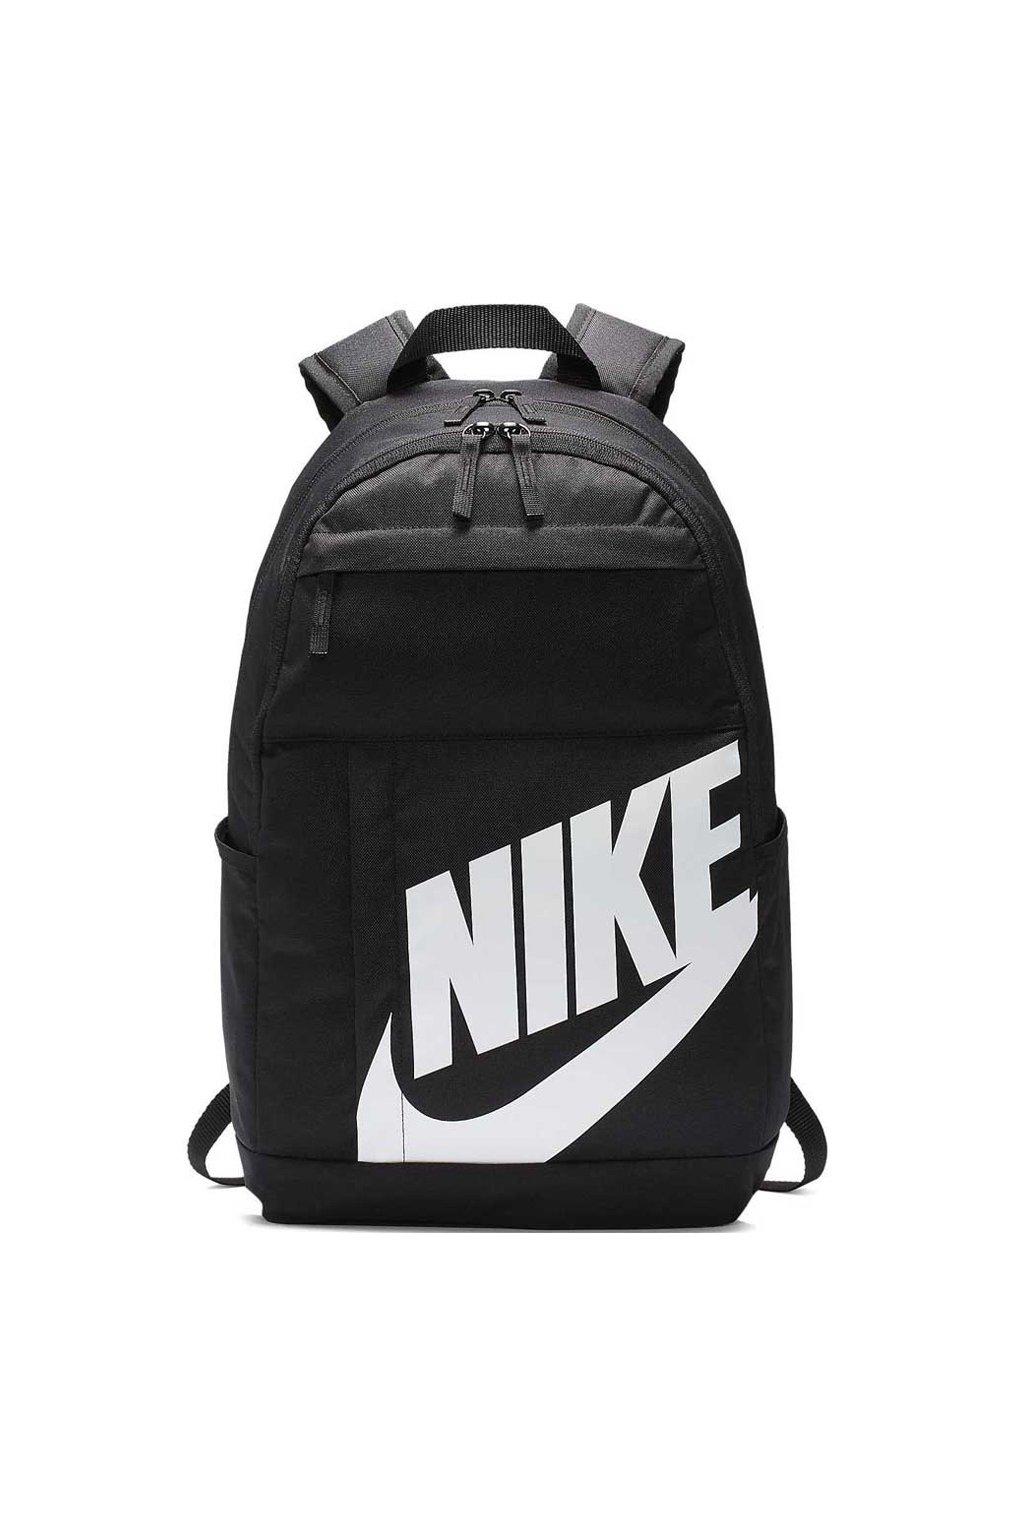 Batoh Nike Elemental BKPK 2.0 čierny BA5876 082